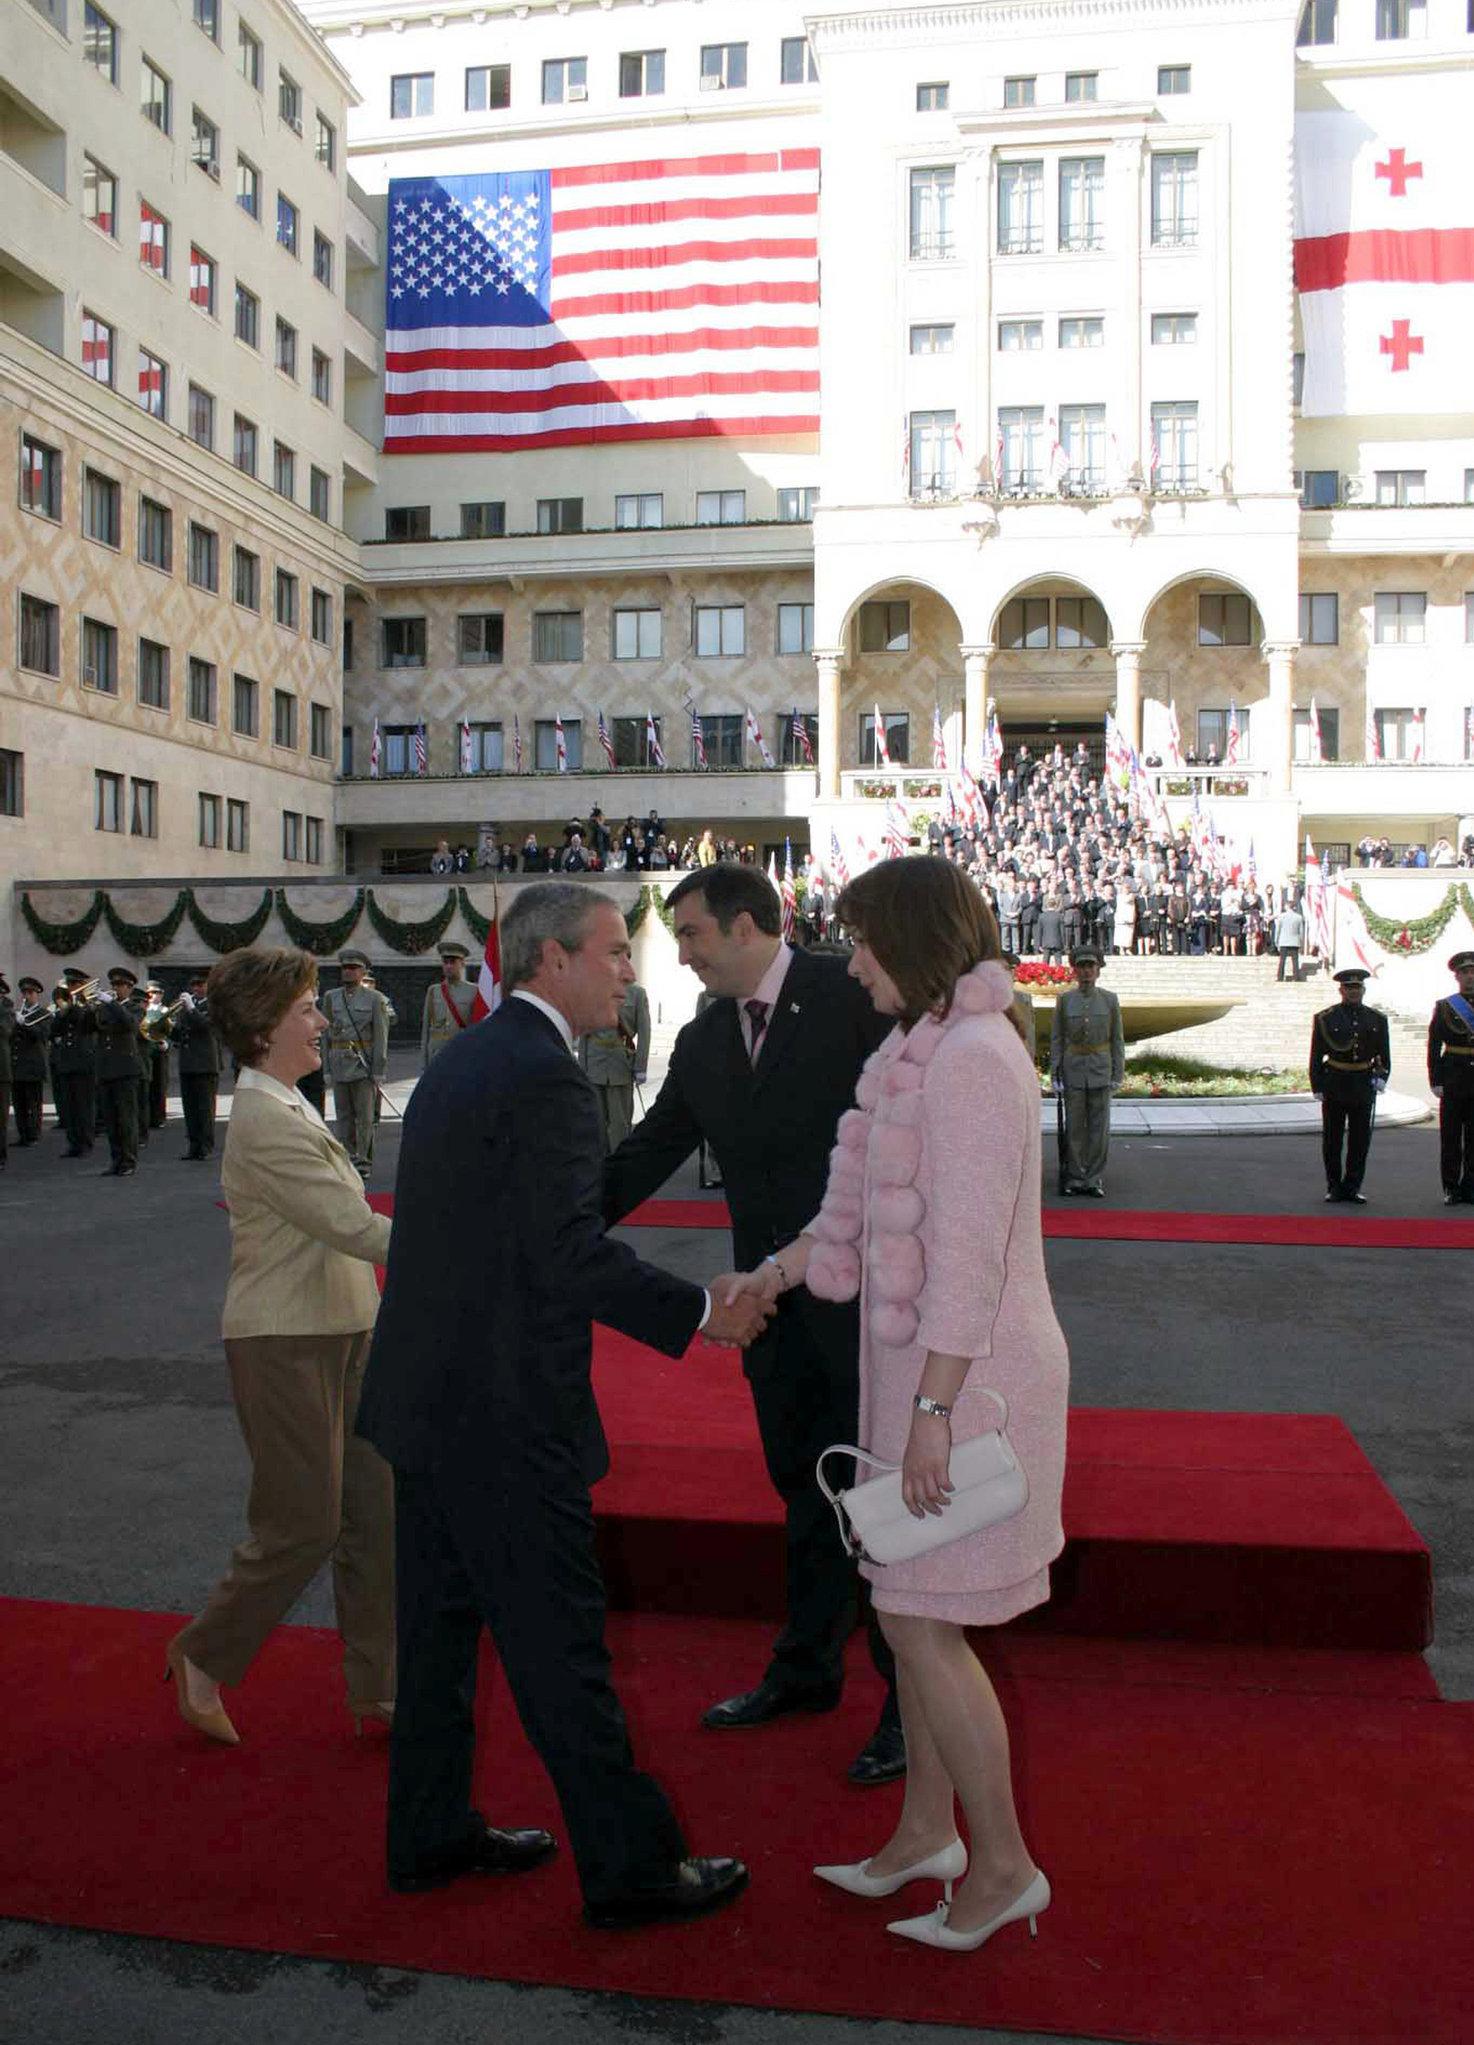 ლორა ბუში, აშშ-ის პრეზიდენტი ჯორჯ ბუში, საქართველოს პრეზიდენტი მიხეილ სააკაშვილი და სანდრა სააკაშვილი ჯორჯ ბუშის ვიზიტისას საქართველოში